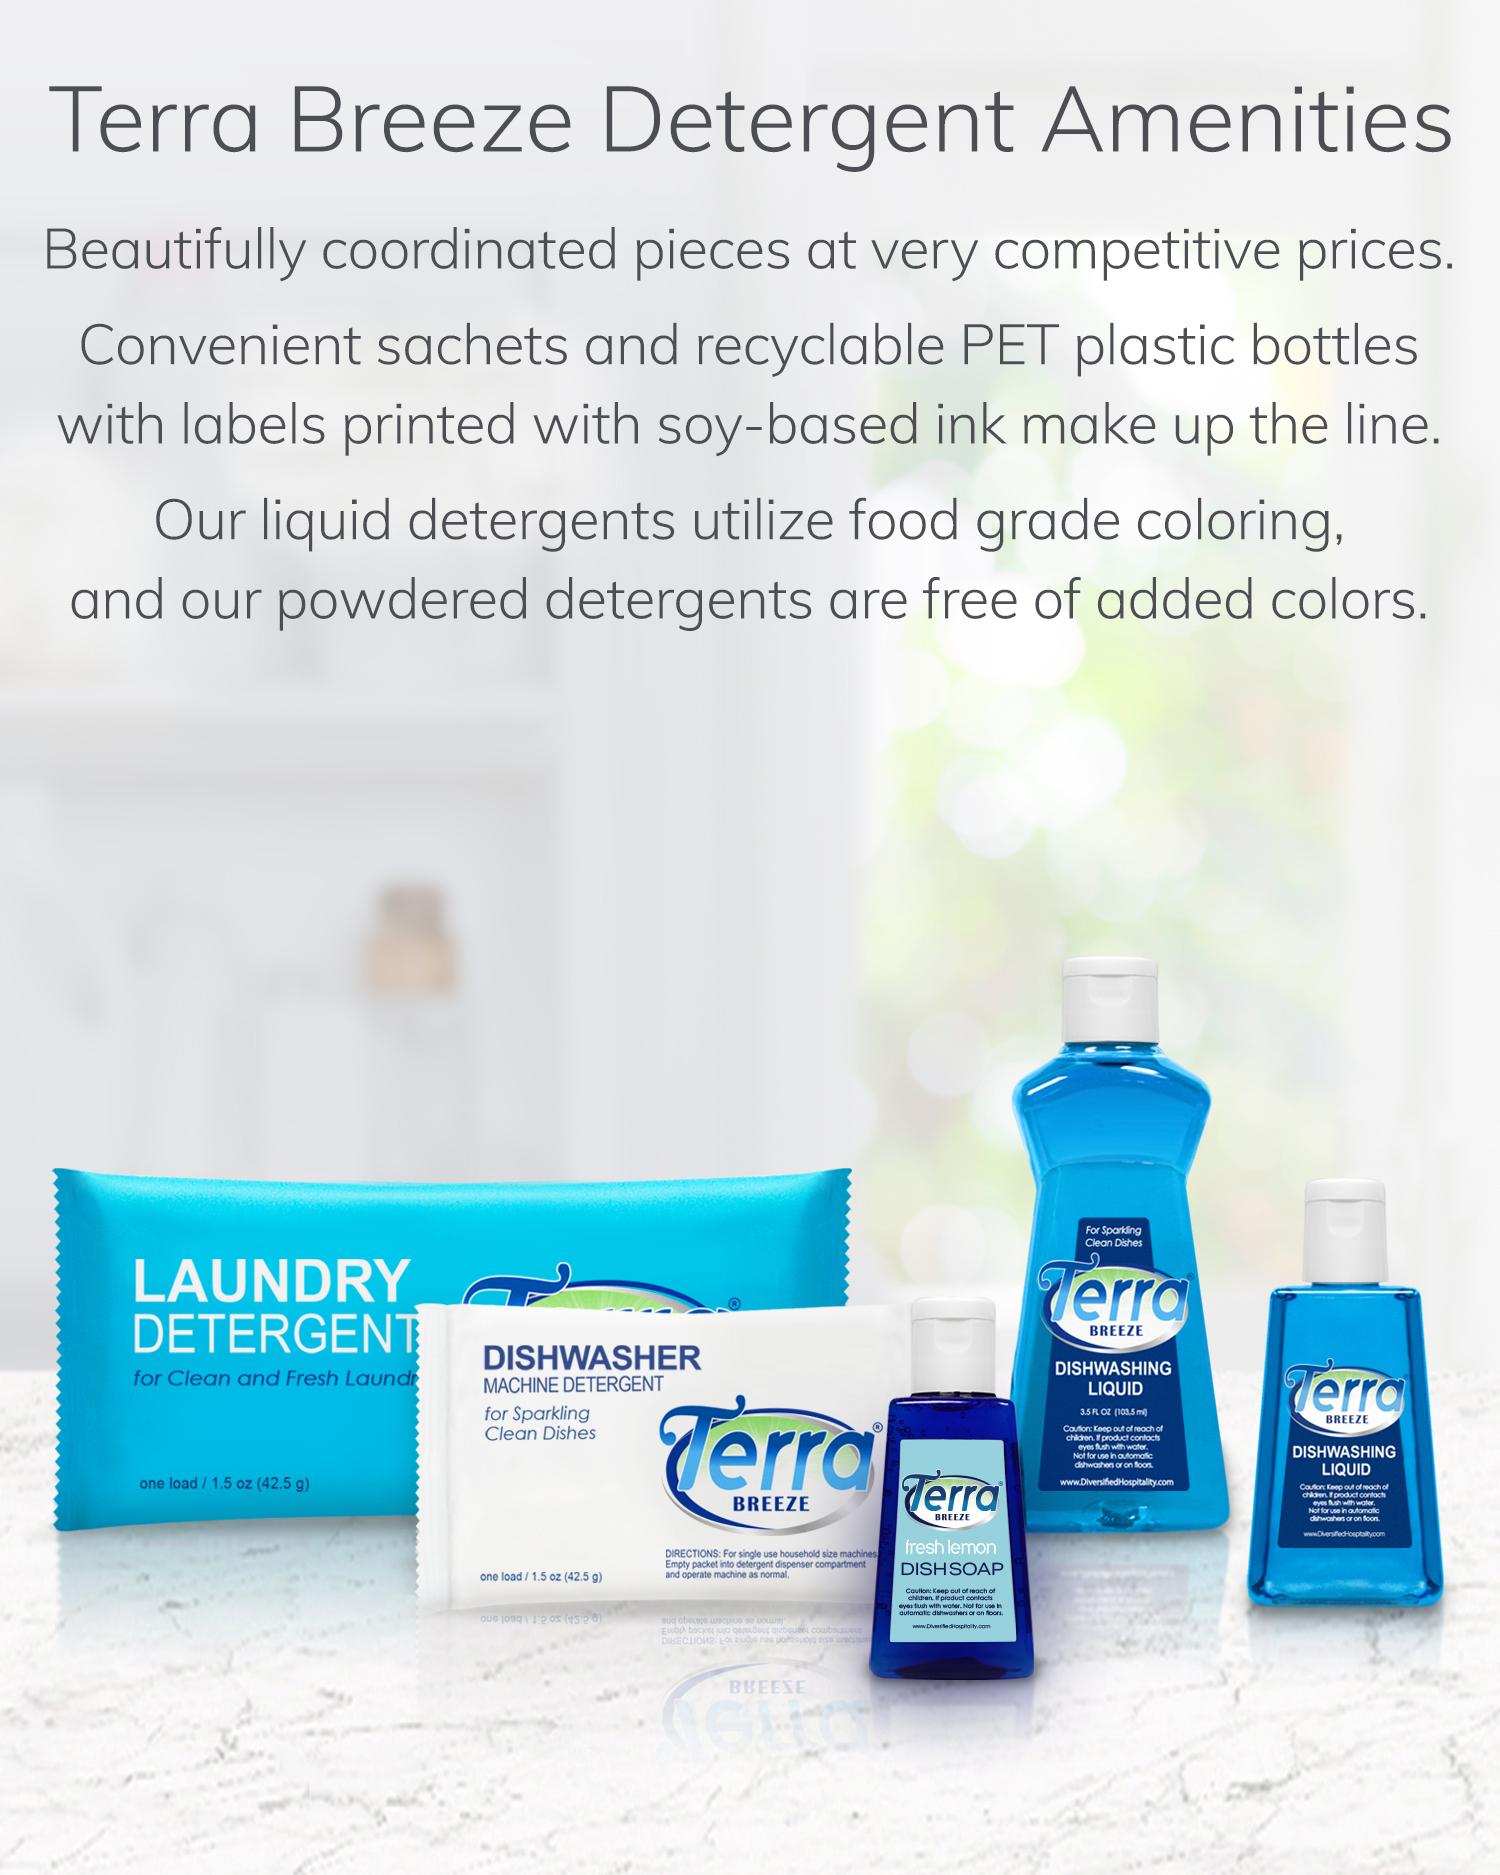 Terra Breeze Detergent Amenities